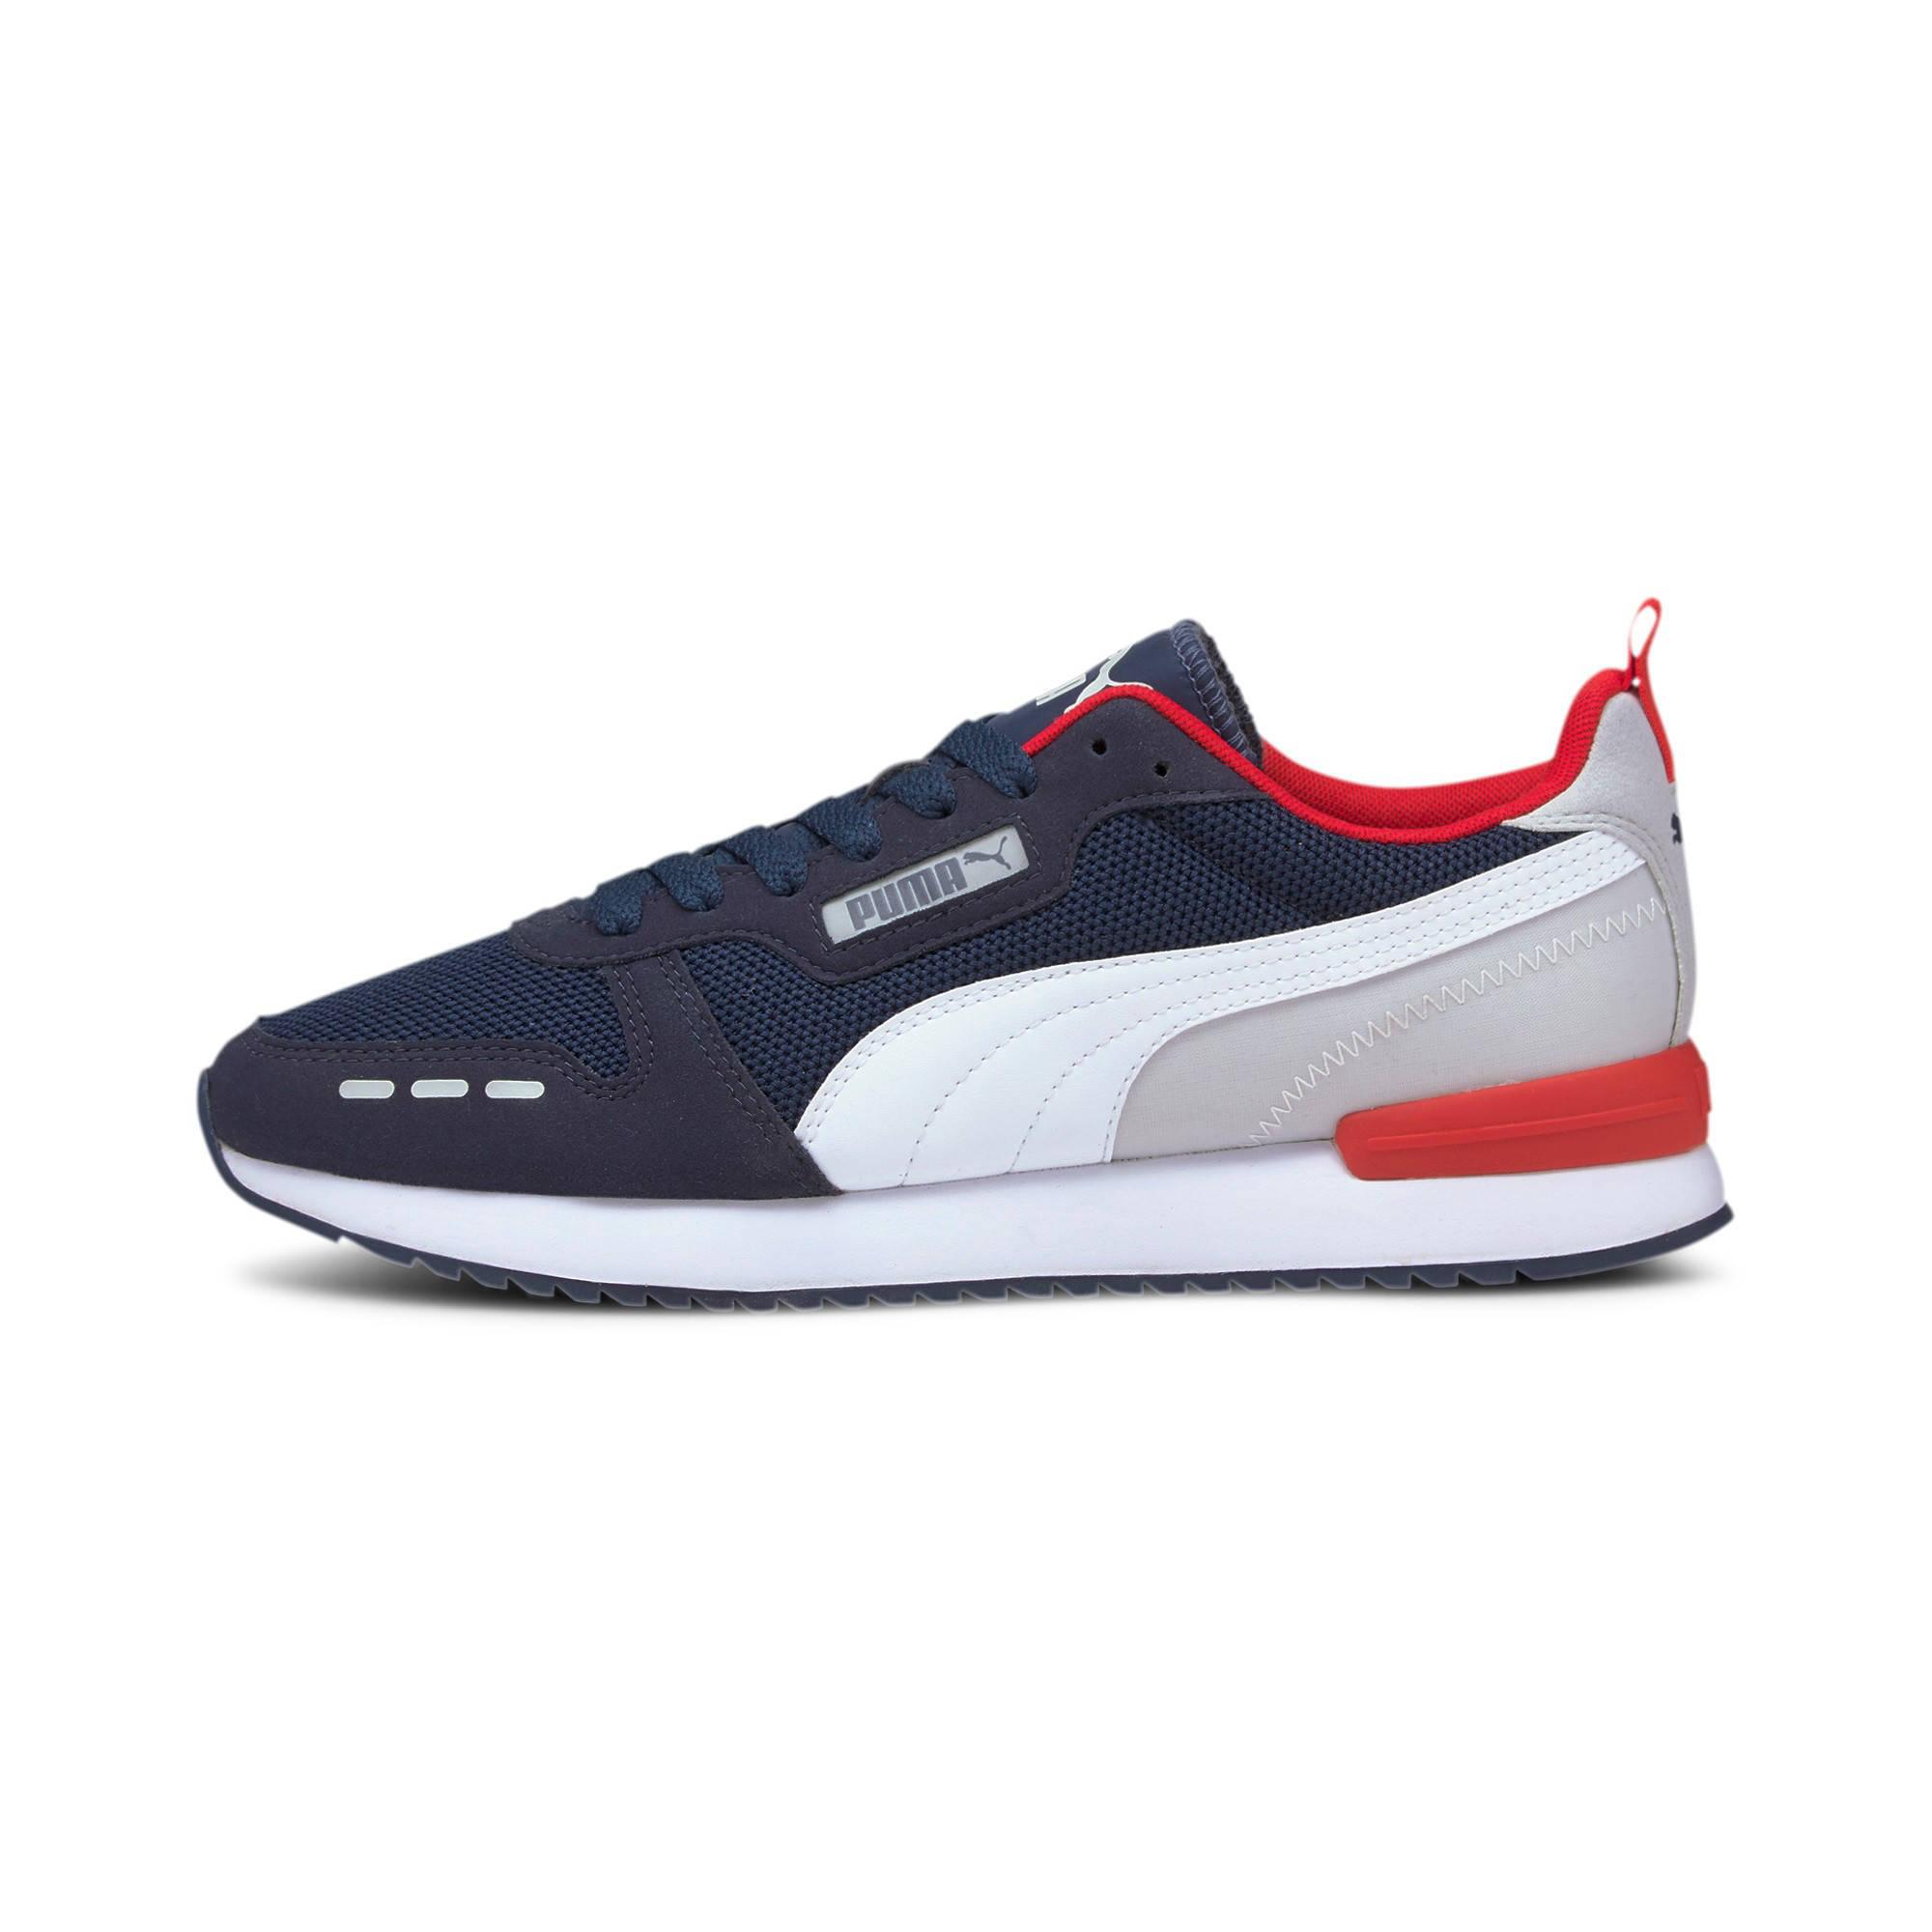 Puma R78 sneakers donkerblauw/wit/lichtgrijs online kopen